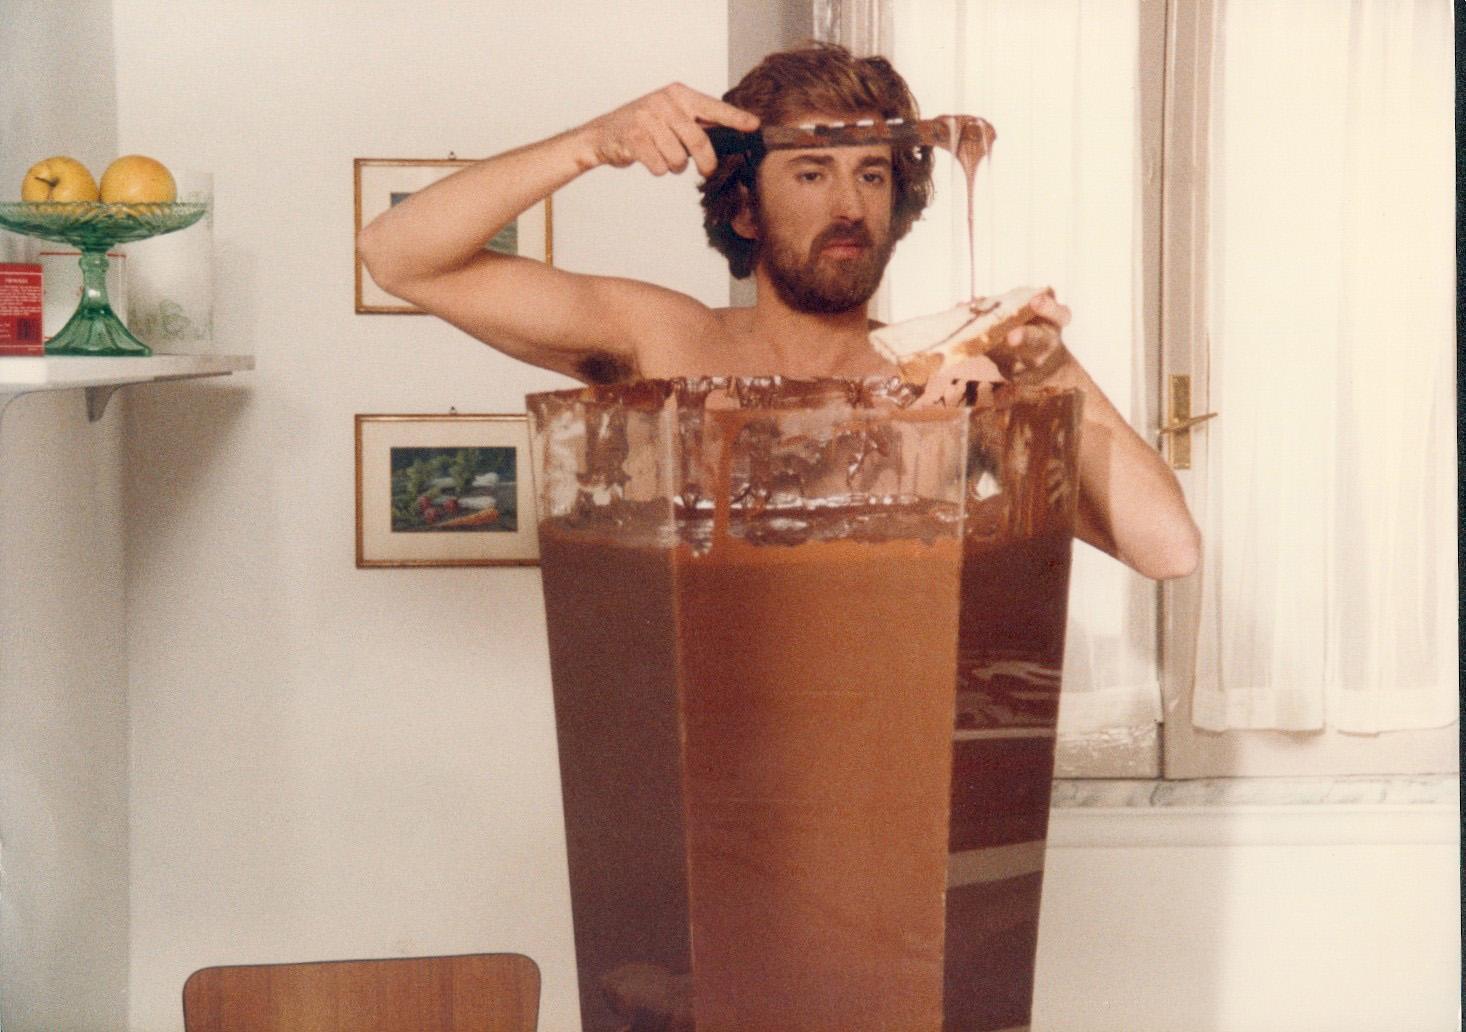 Ferrero offre lavoro: cerca 90 assaggiatori di Nutella